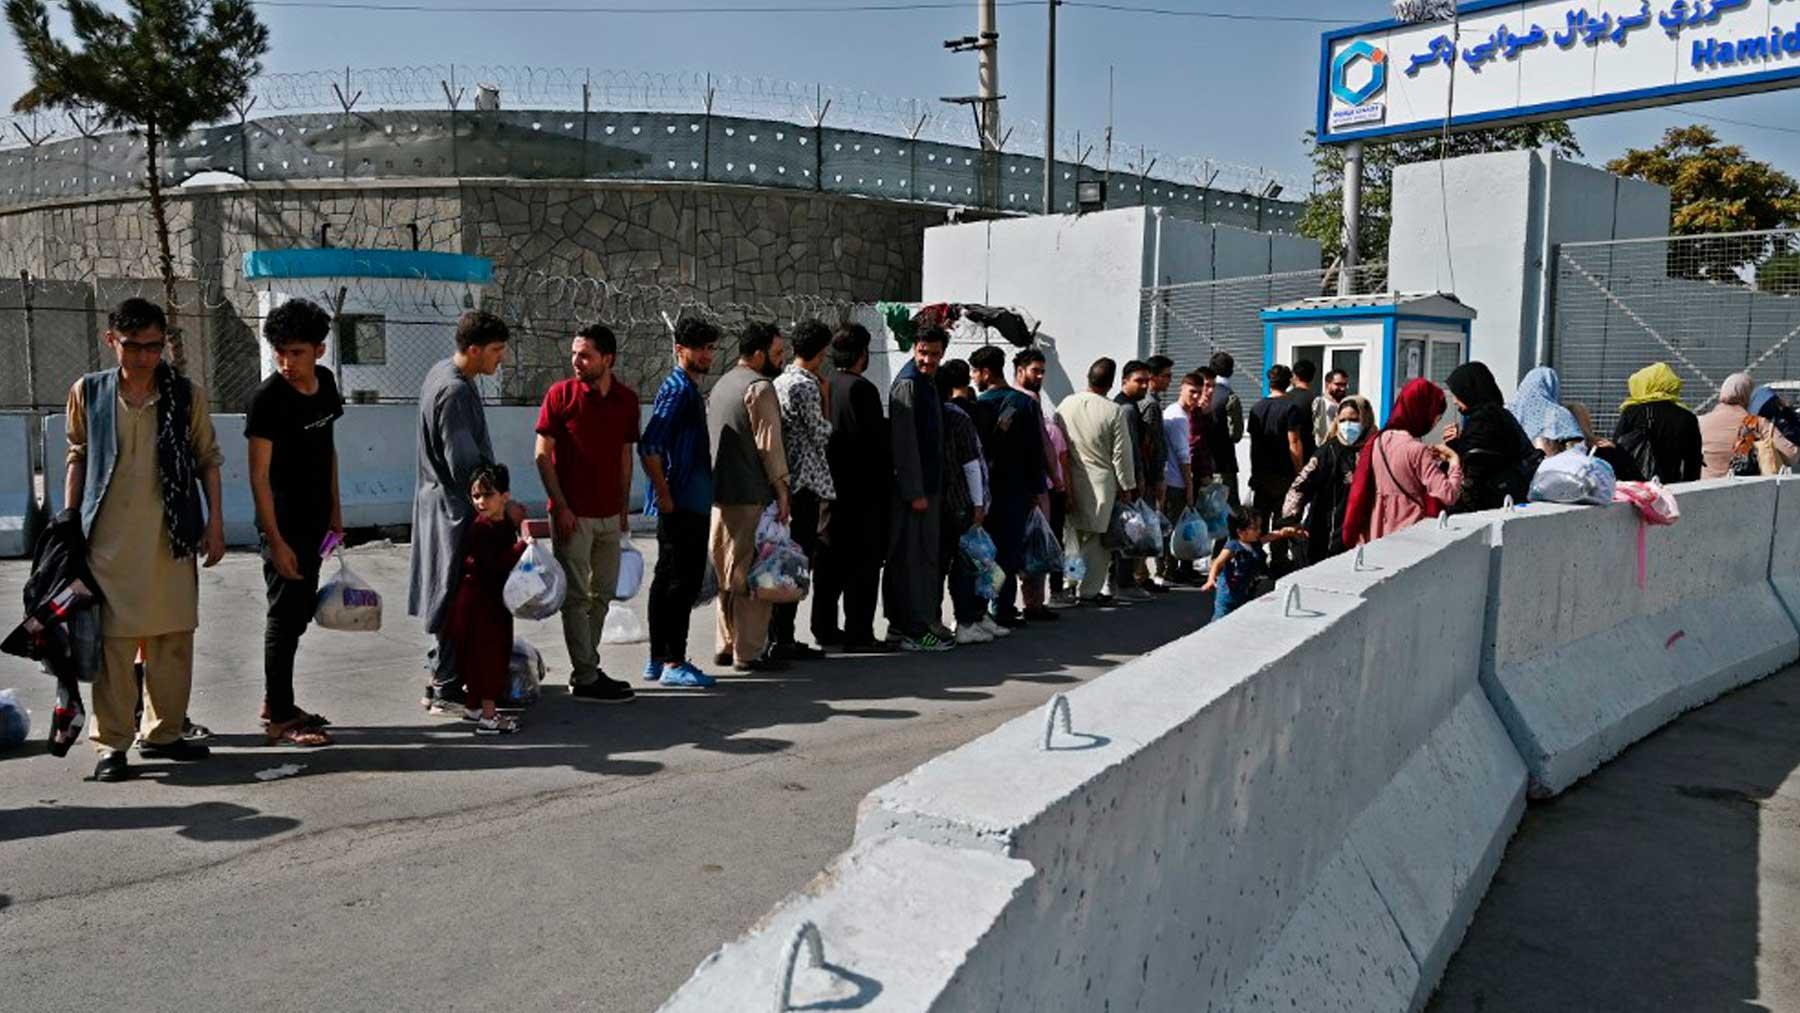 Una cola de ciudadanos afganos en la puerta principal del aeropuerto de Kabul esperan para entrar y ser evacuados. Foto: AFP